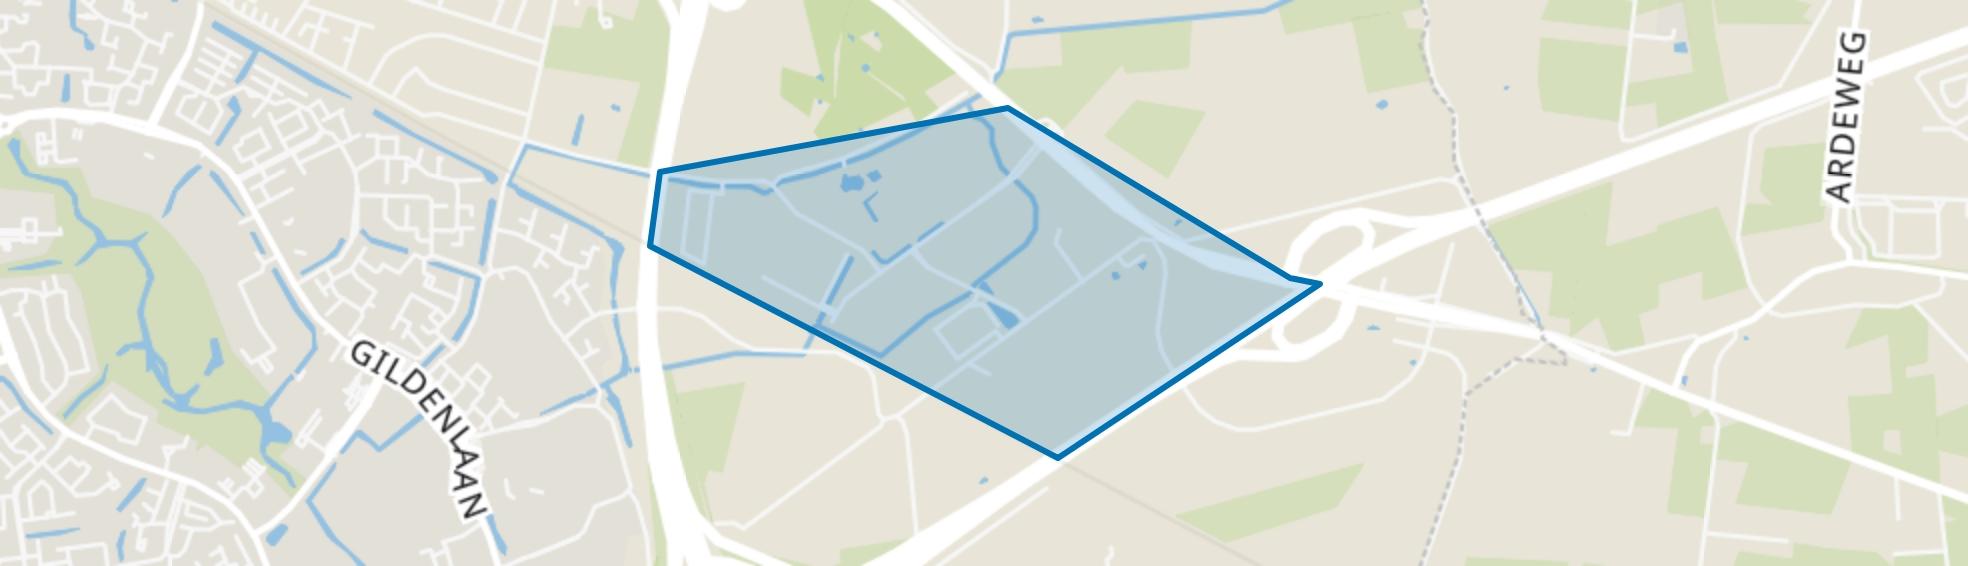 Bedrijvenpark Ecofactorij, Apeldoorn map